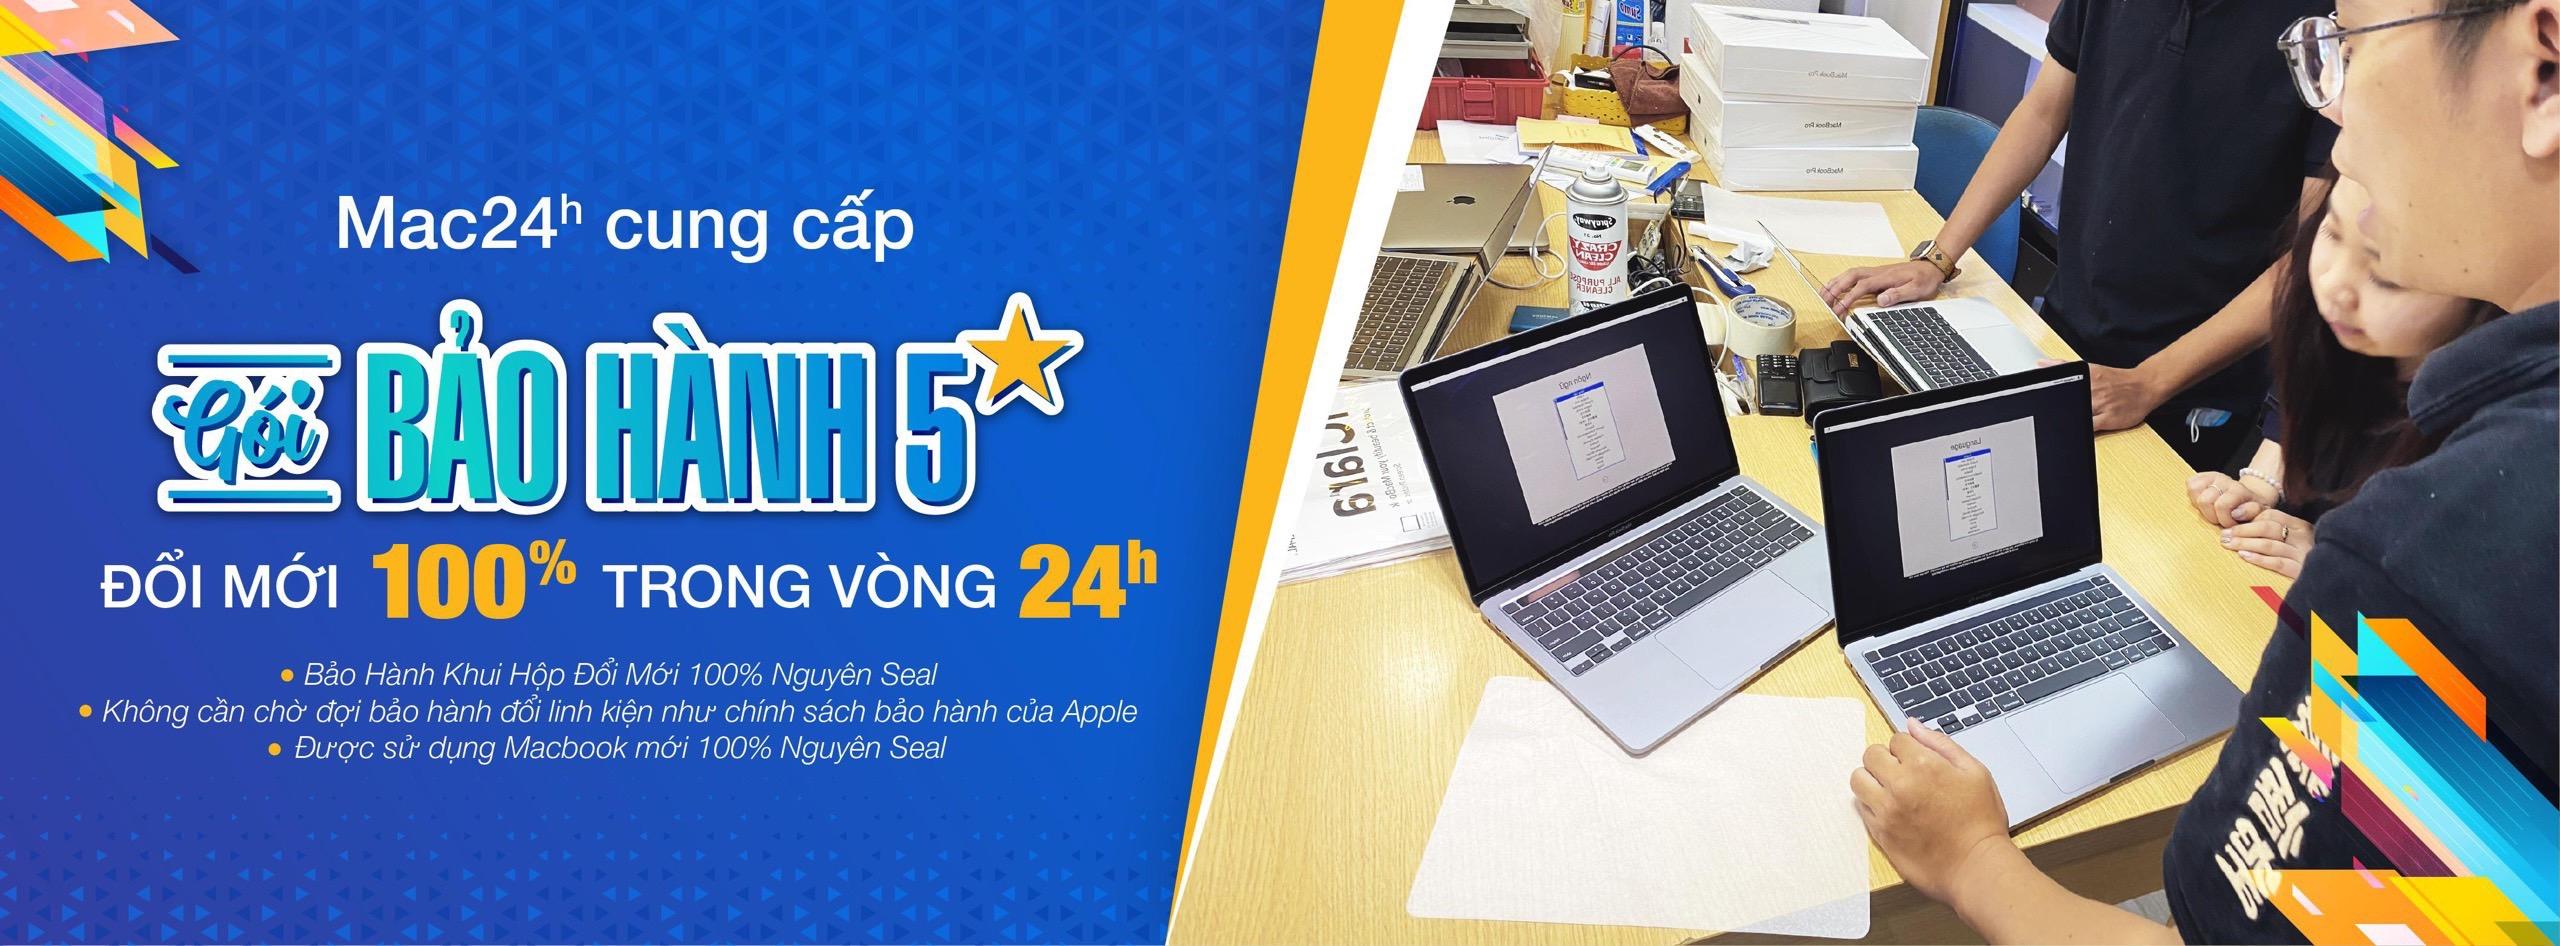 Bảo hành Macbook Air 2020